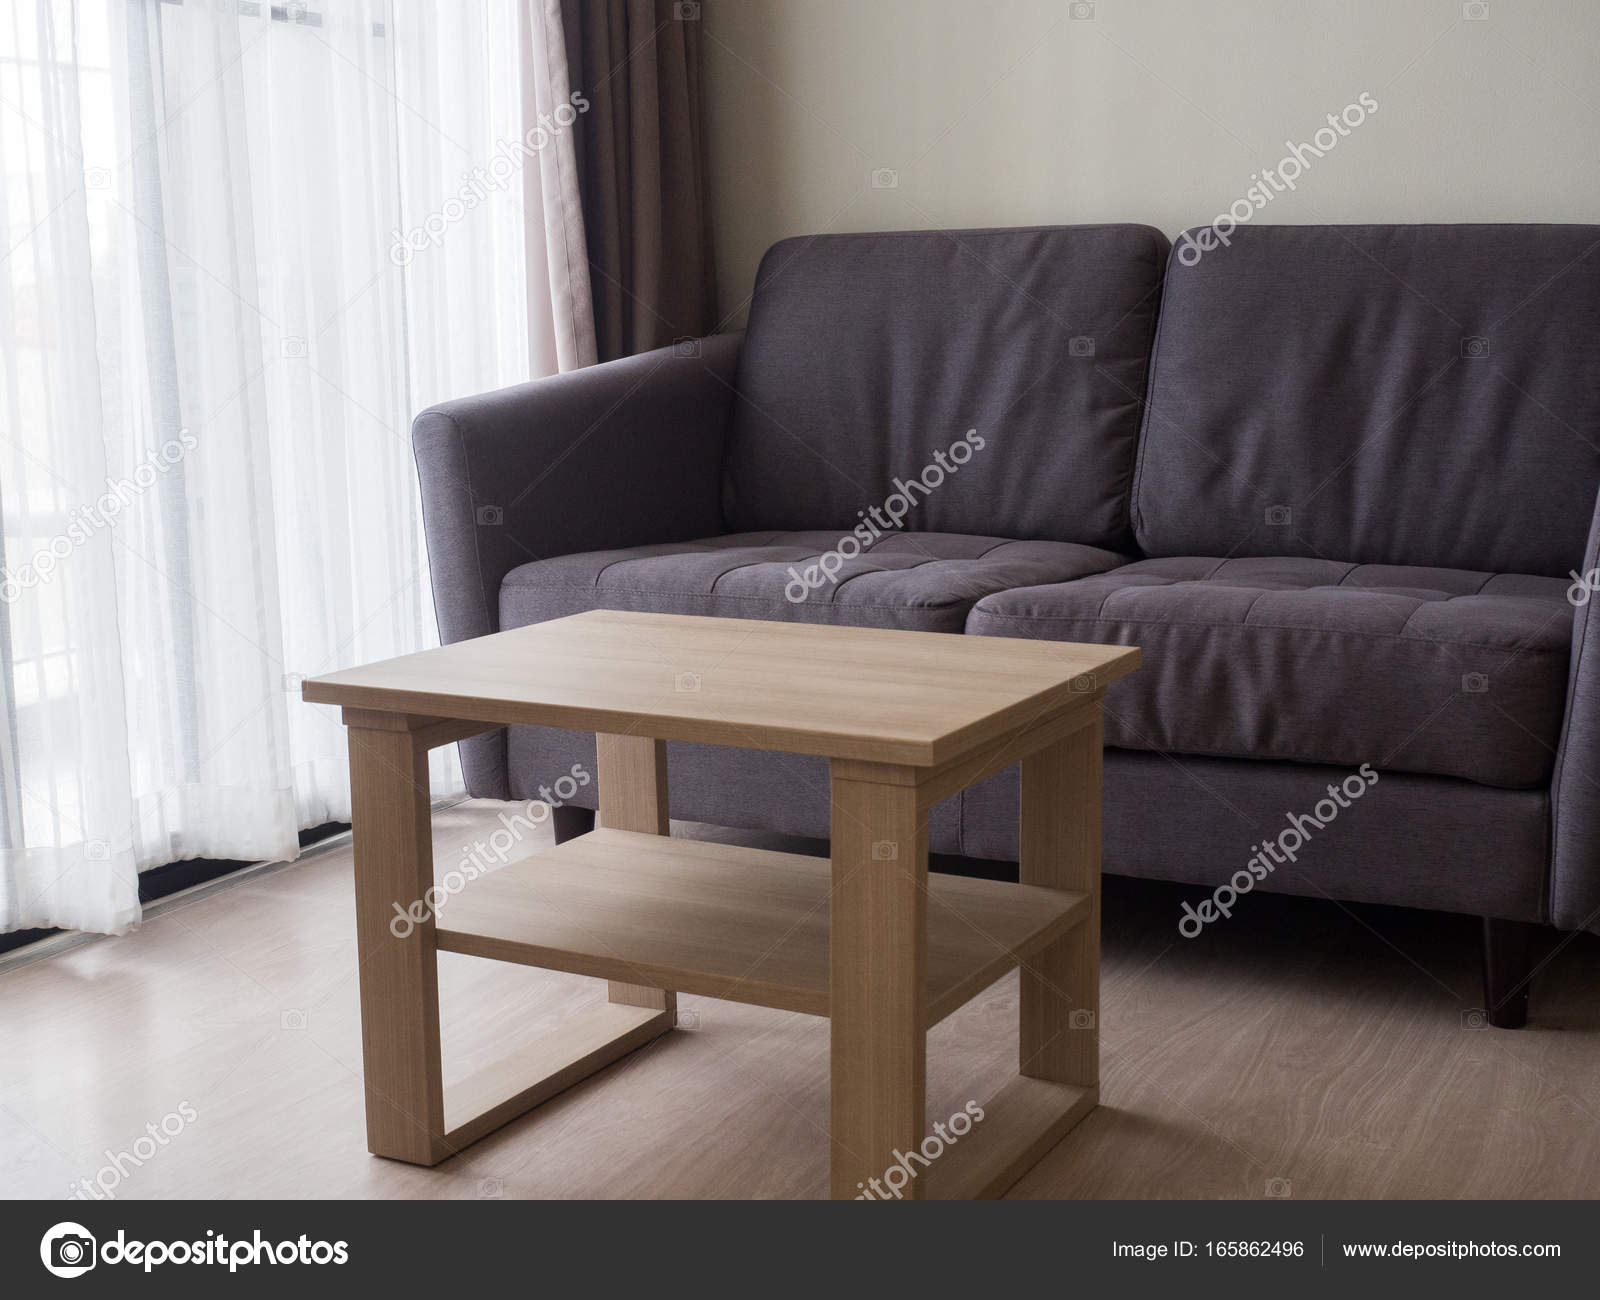 Gemütliches, Stilvolles Wohnzimmer Mit Sofa Set. Modernes Wohnzimmer Mit  Sofa Und Möbel U2014 Foto Von ...